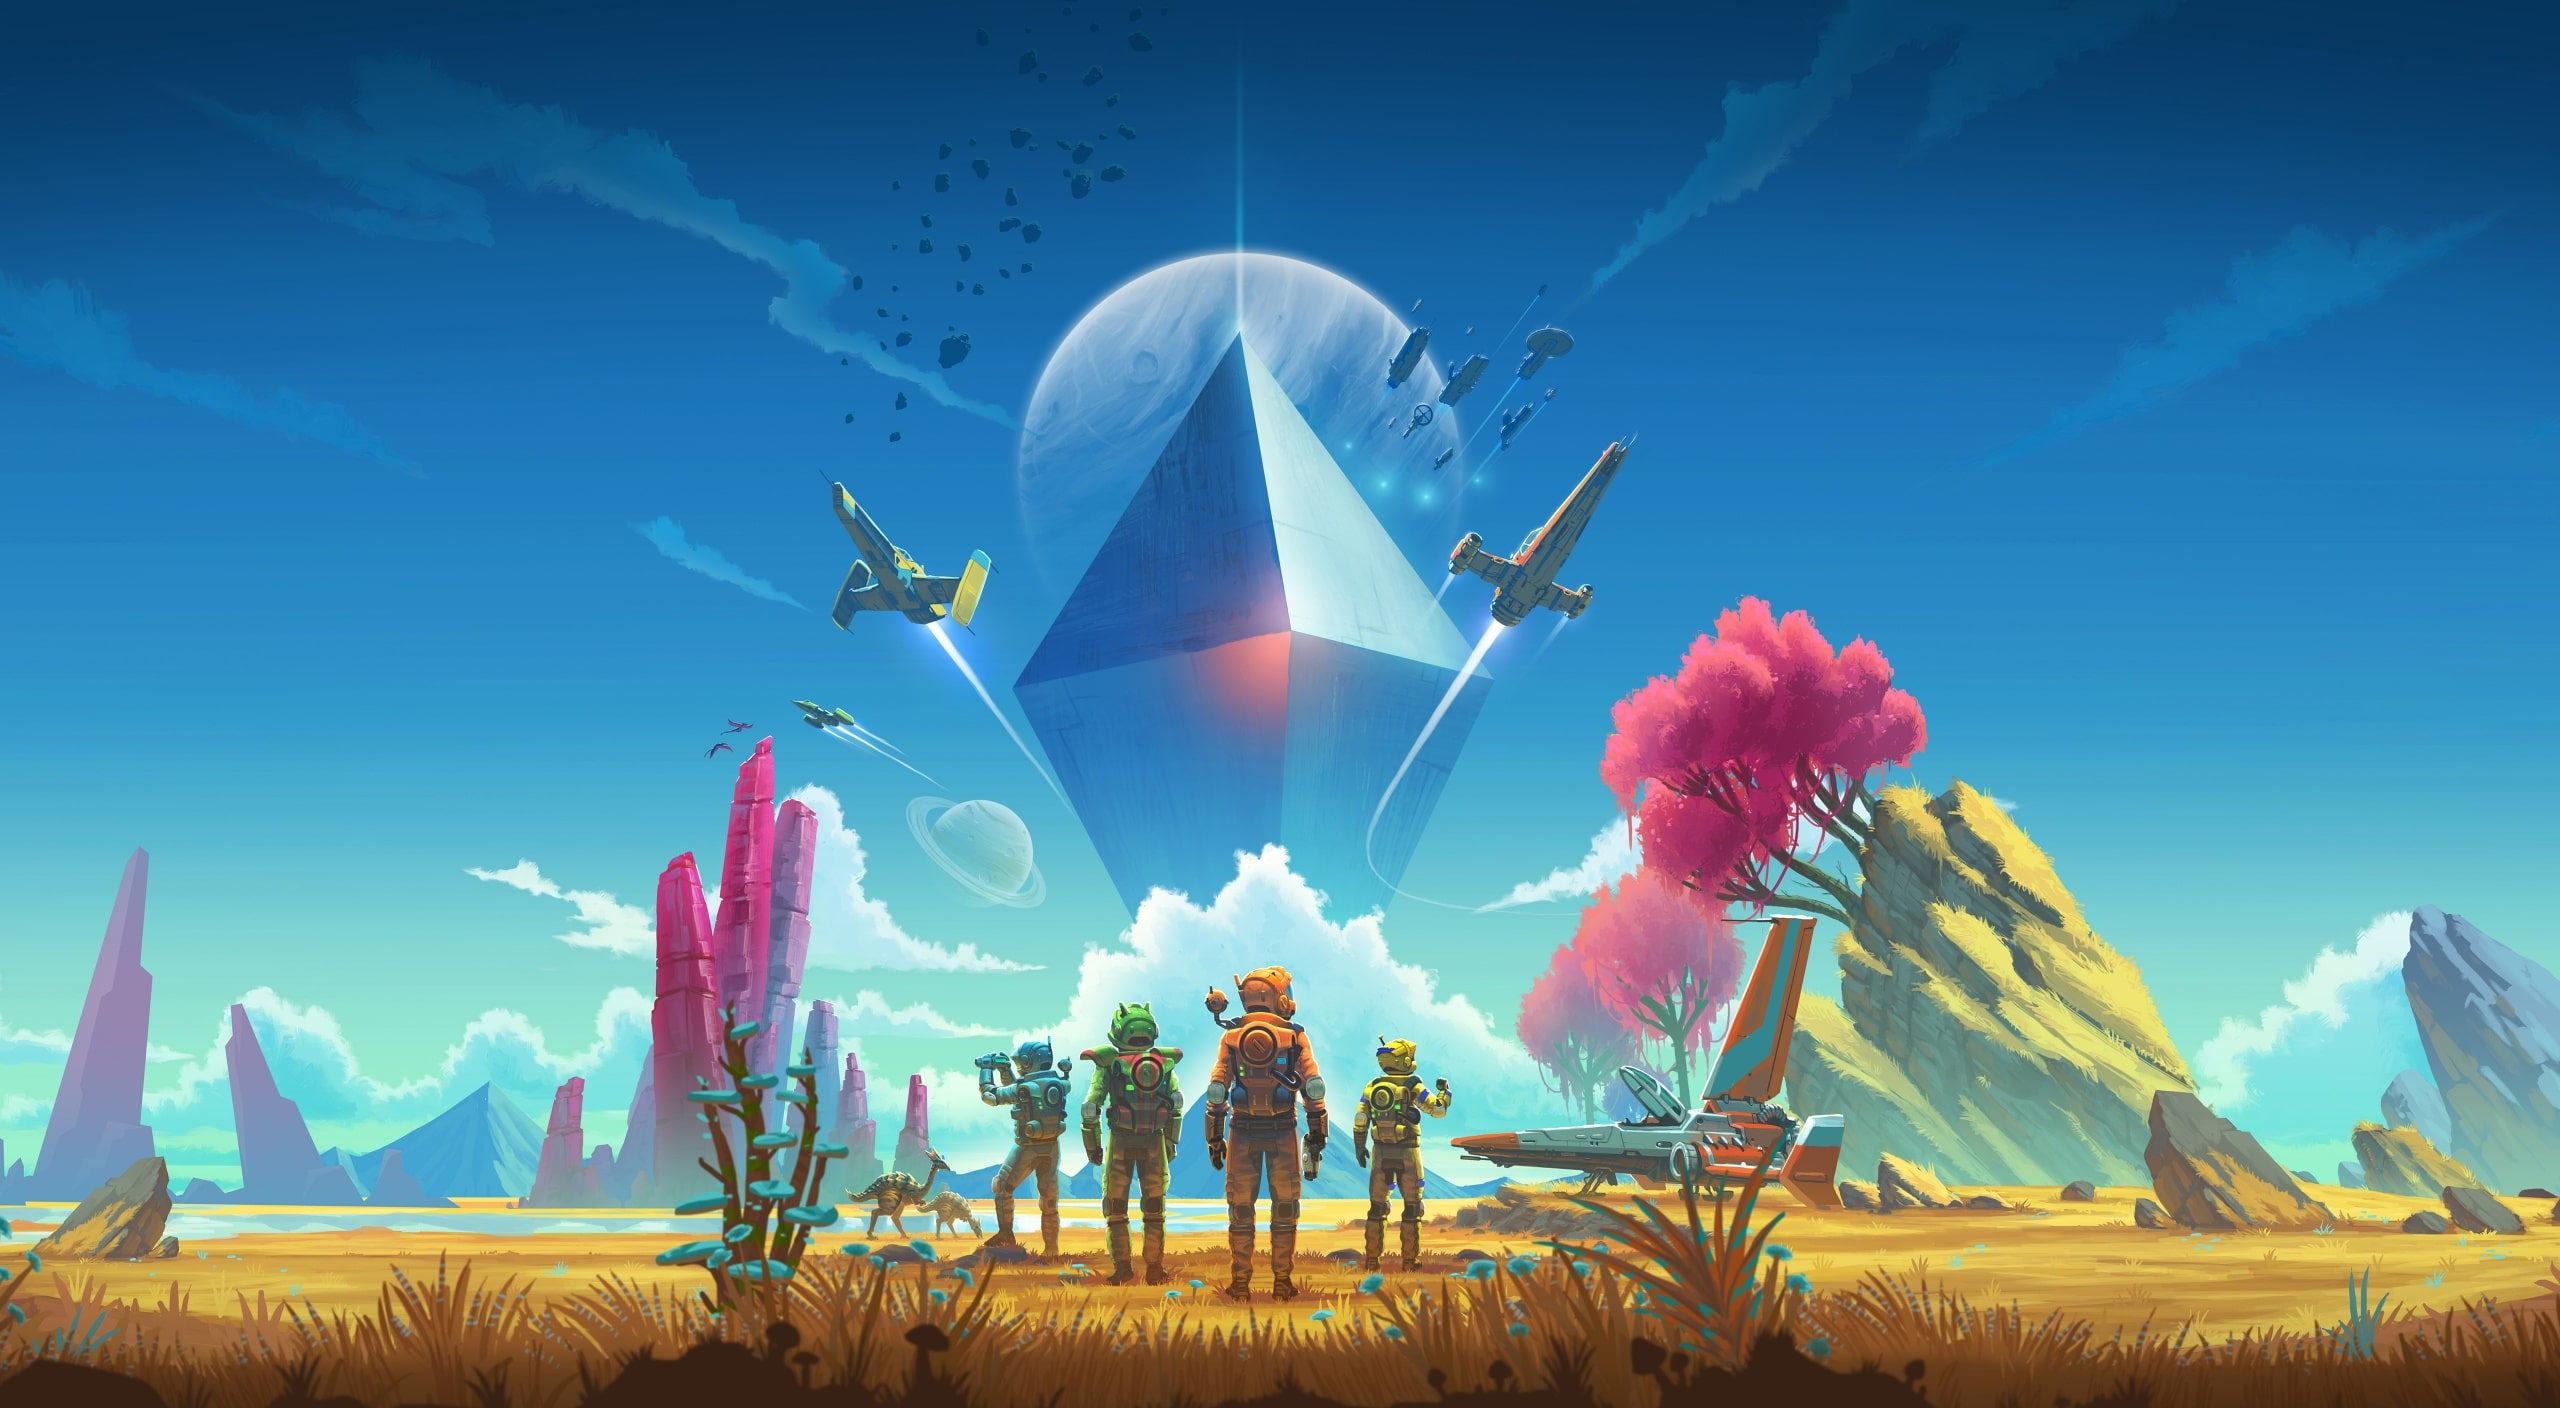 I giochi del decennio secondo SpaceNerd 8